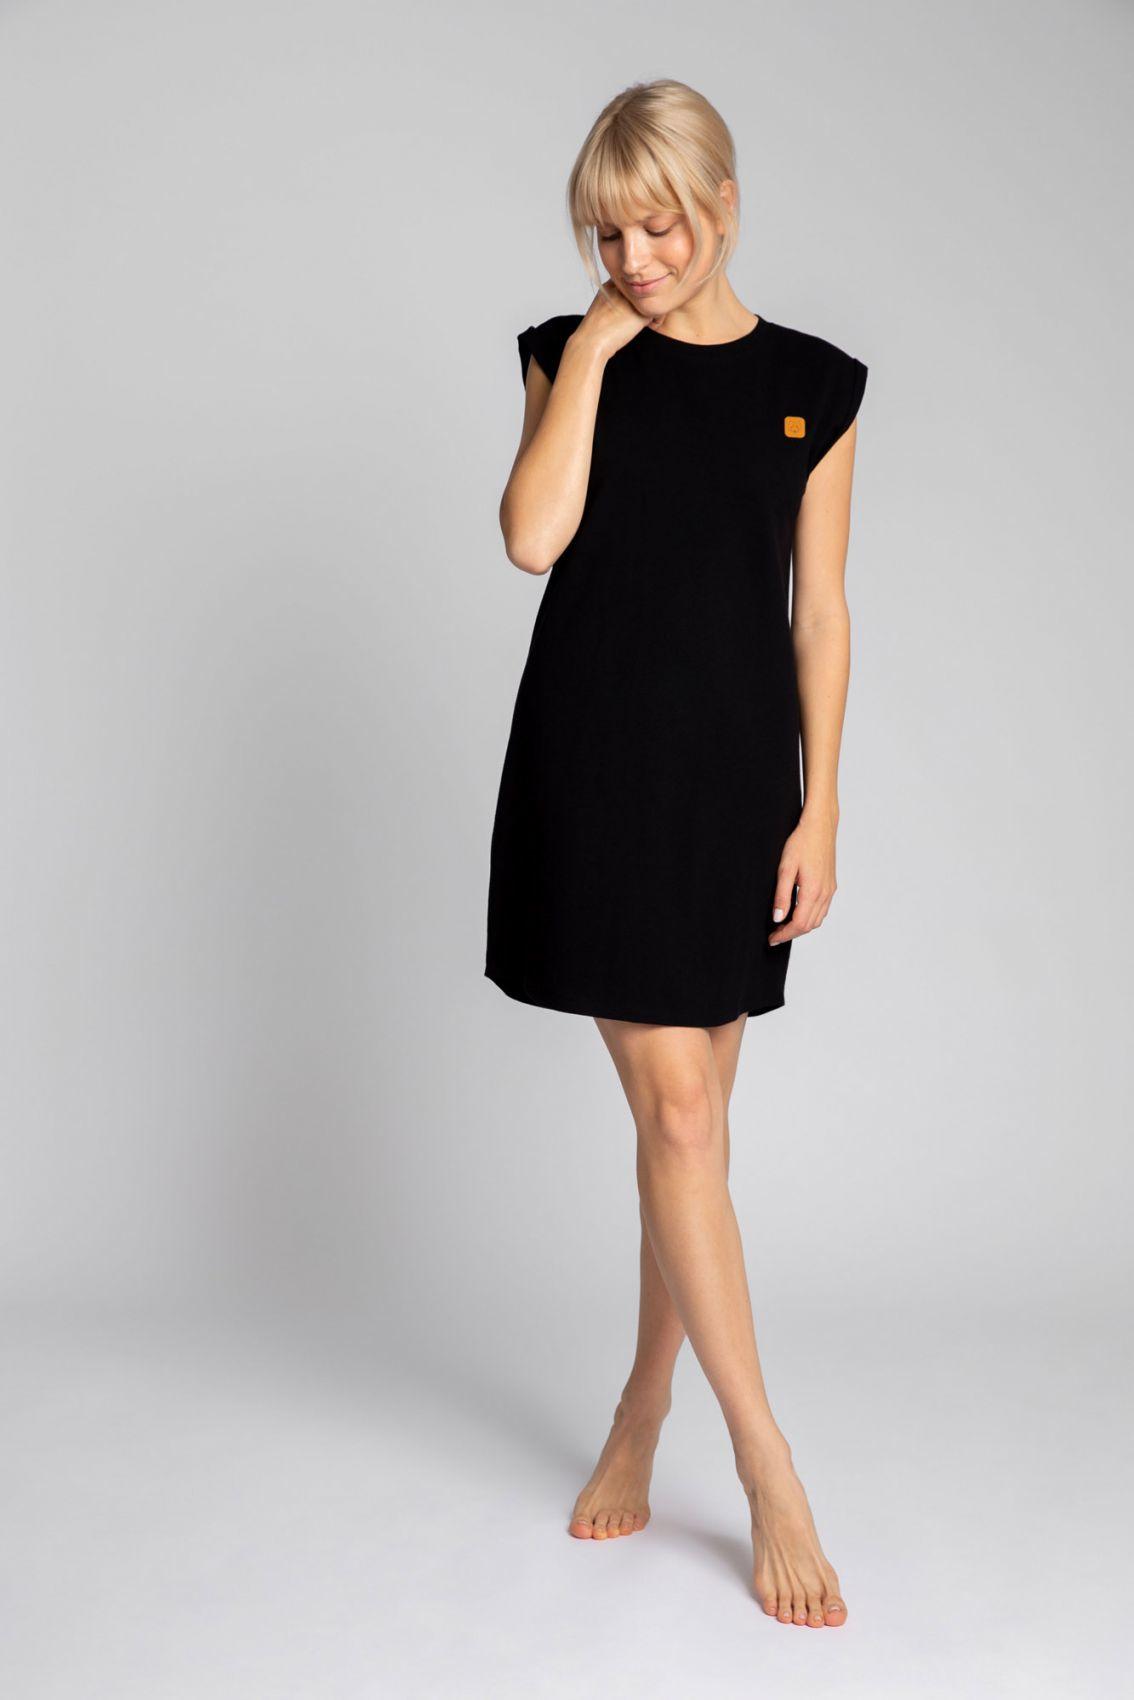 LA033 Sukienka z bawełny prążkowanej bez rękawów - czarny